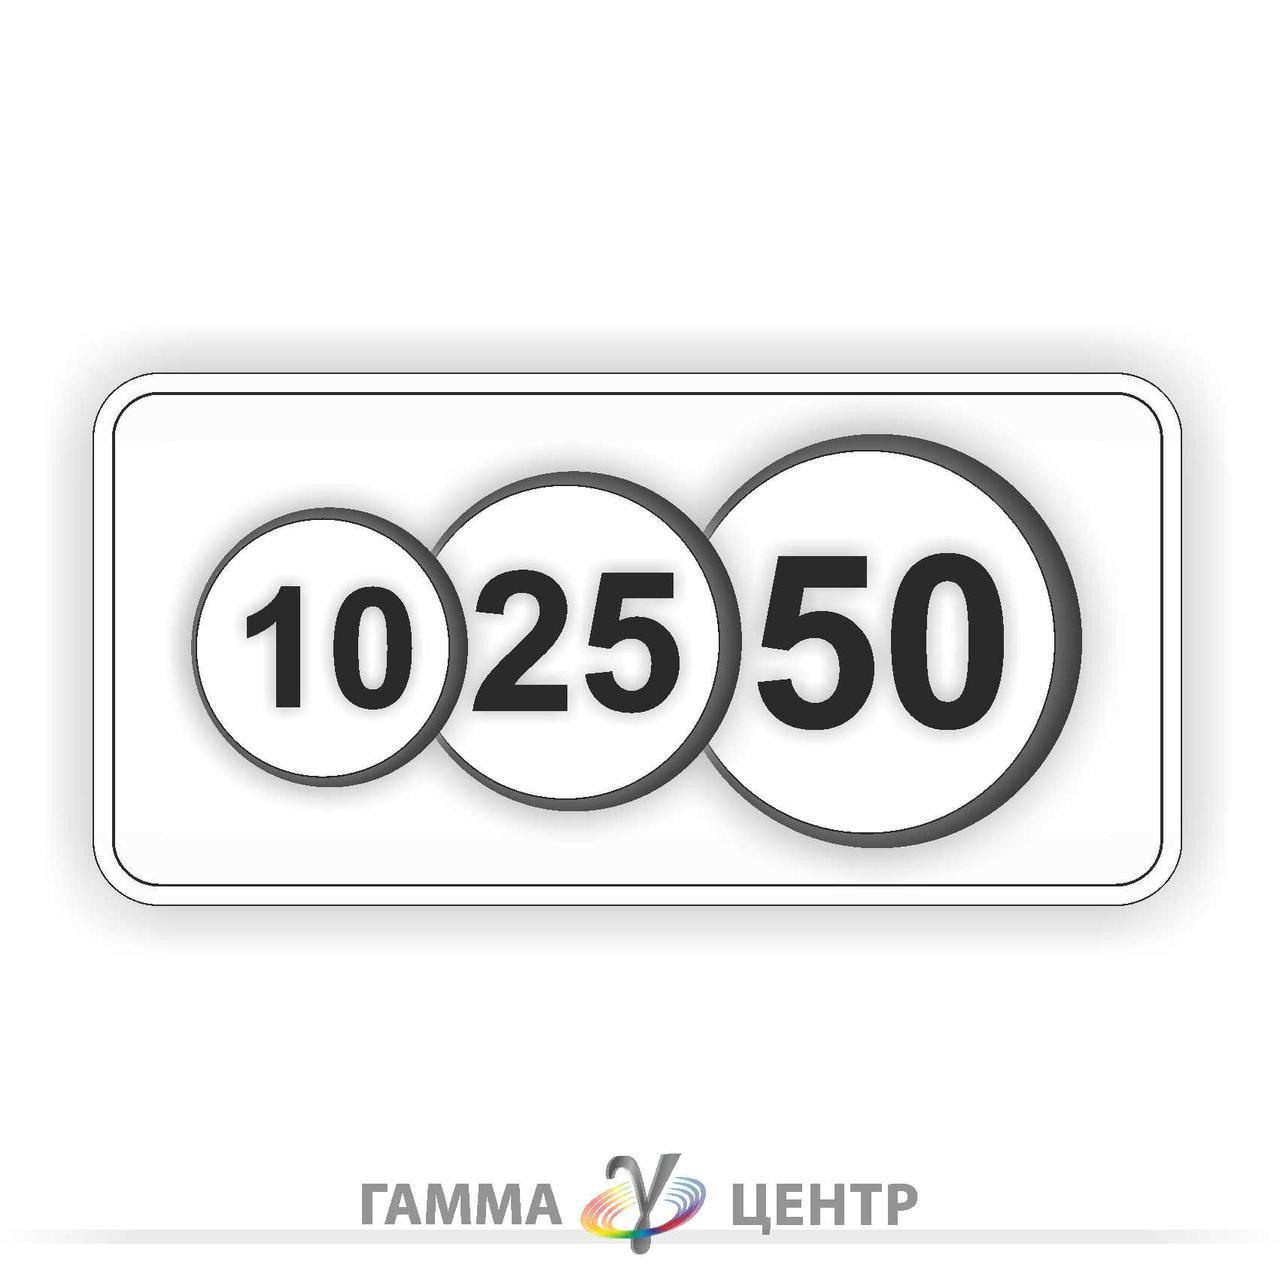 Табличка Платні послуги 7.14 / Табличка Платные услуги 7.14